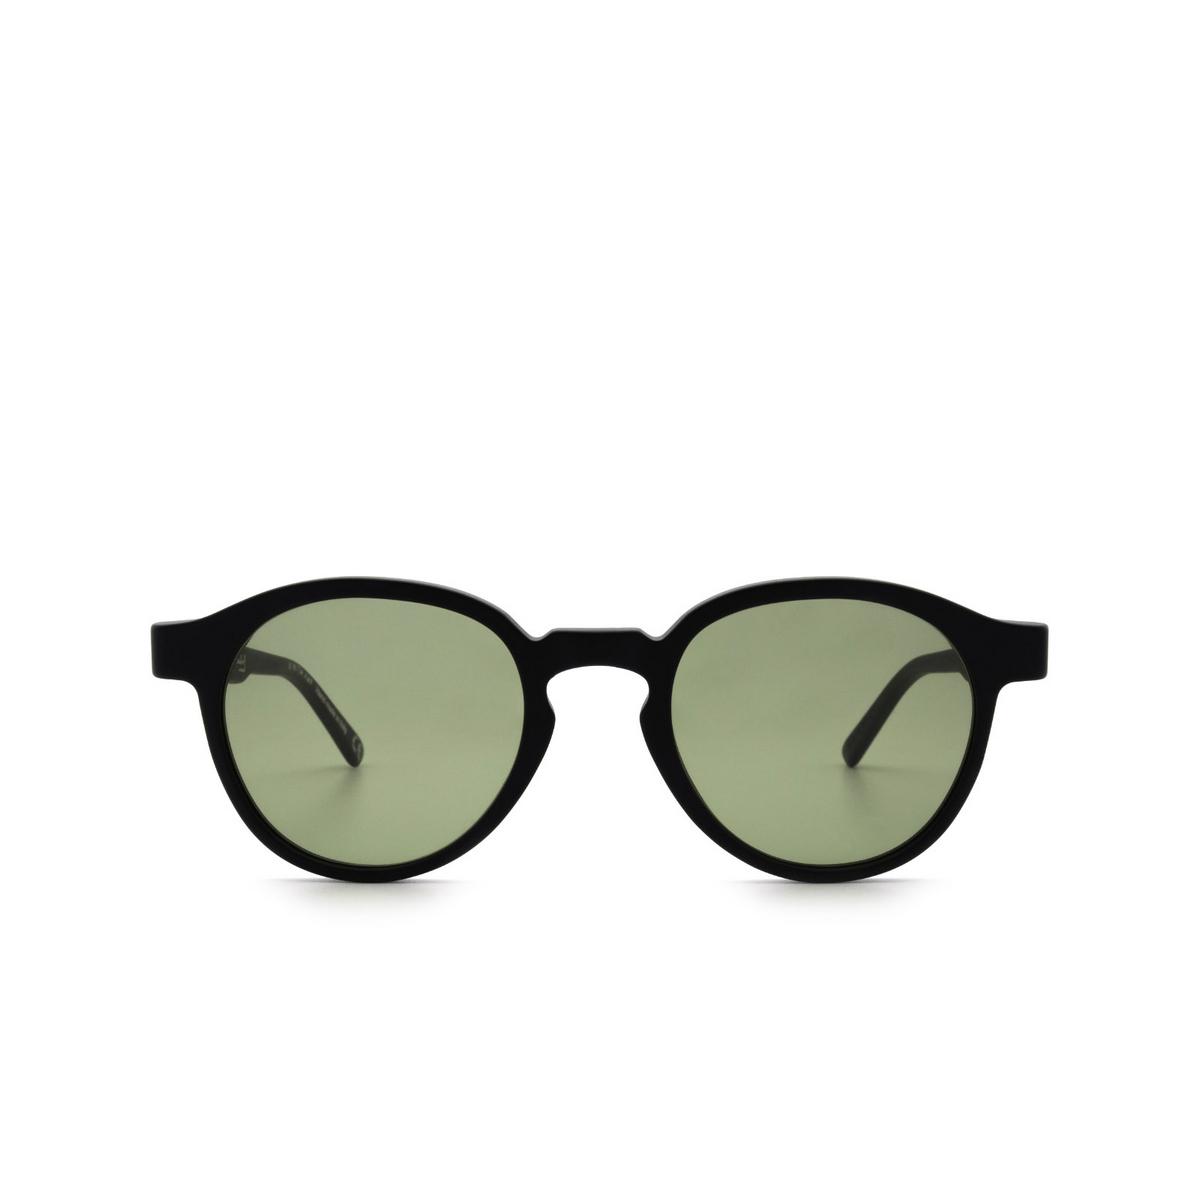 Retrosuperfuture® Round Sunglasses: The Warhol color Matte Black C3L.